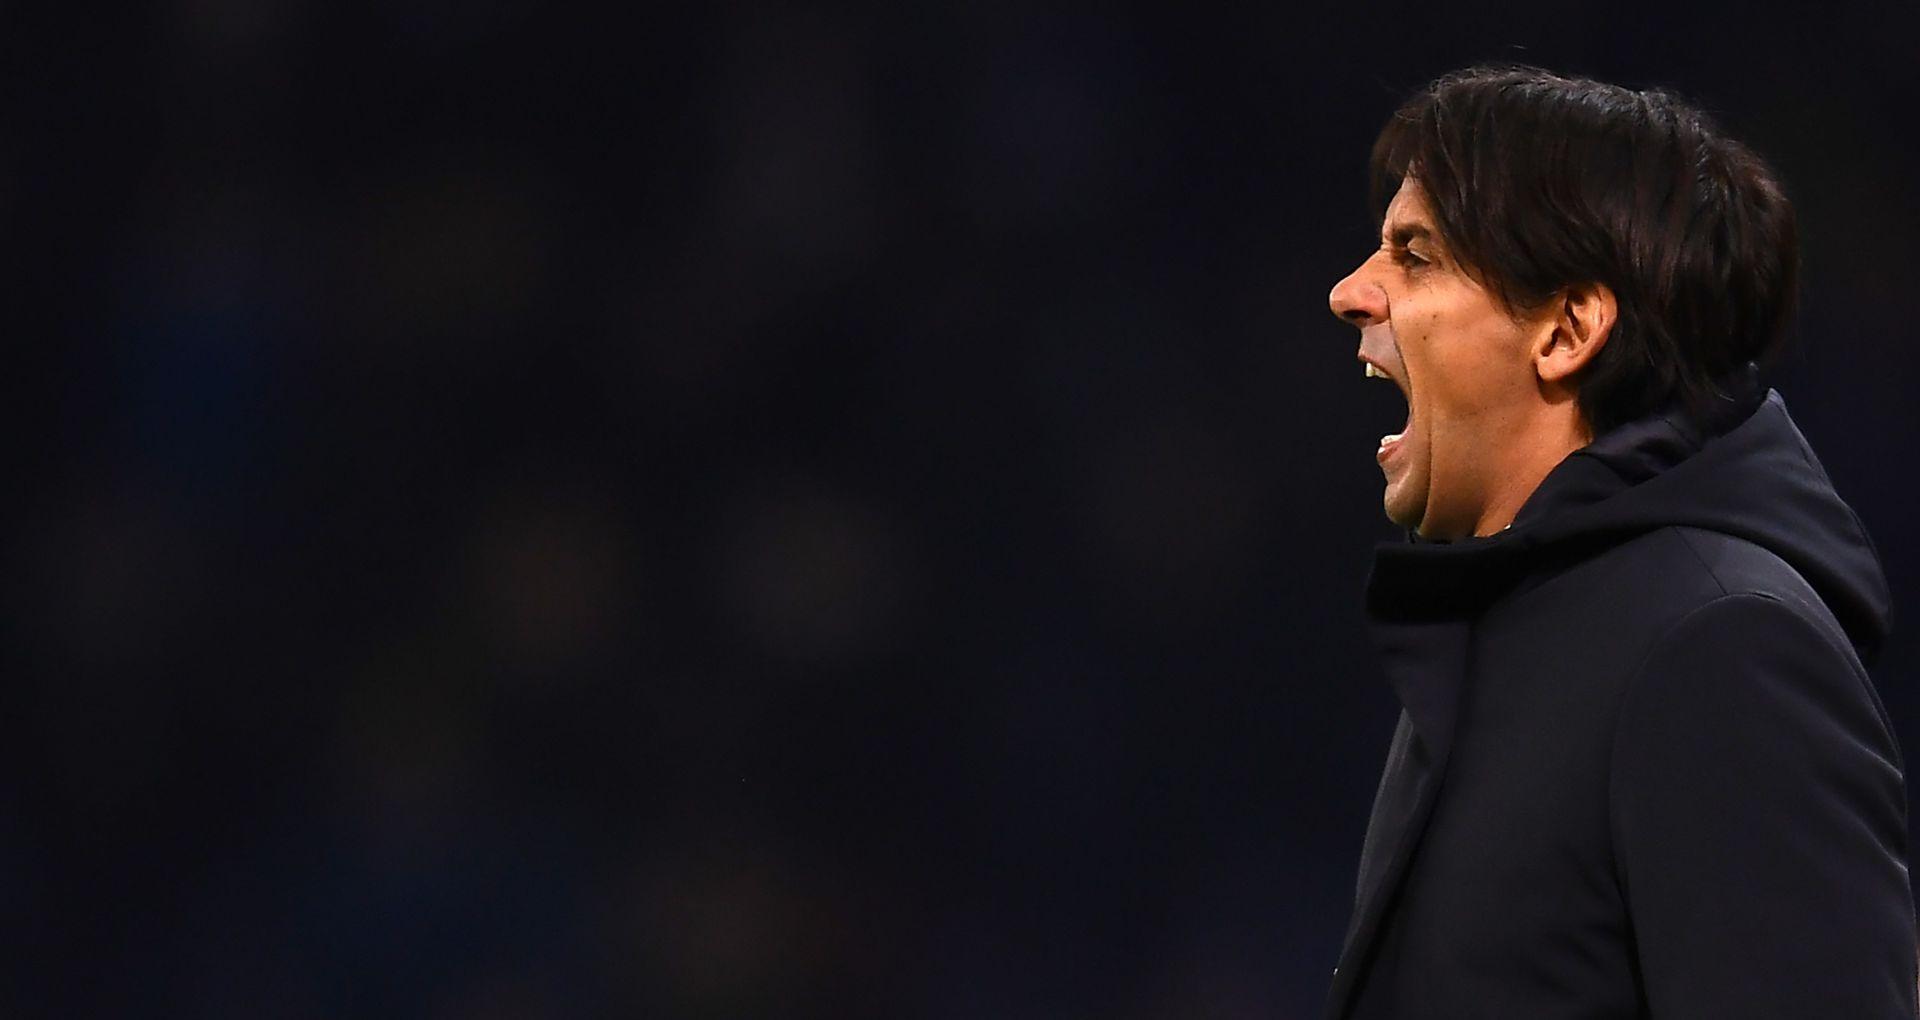 Lazio, la rivincita di Caicedo: dalle polemiche al goal decisivo